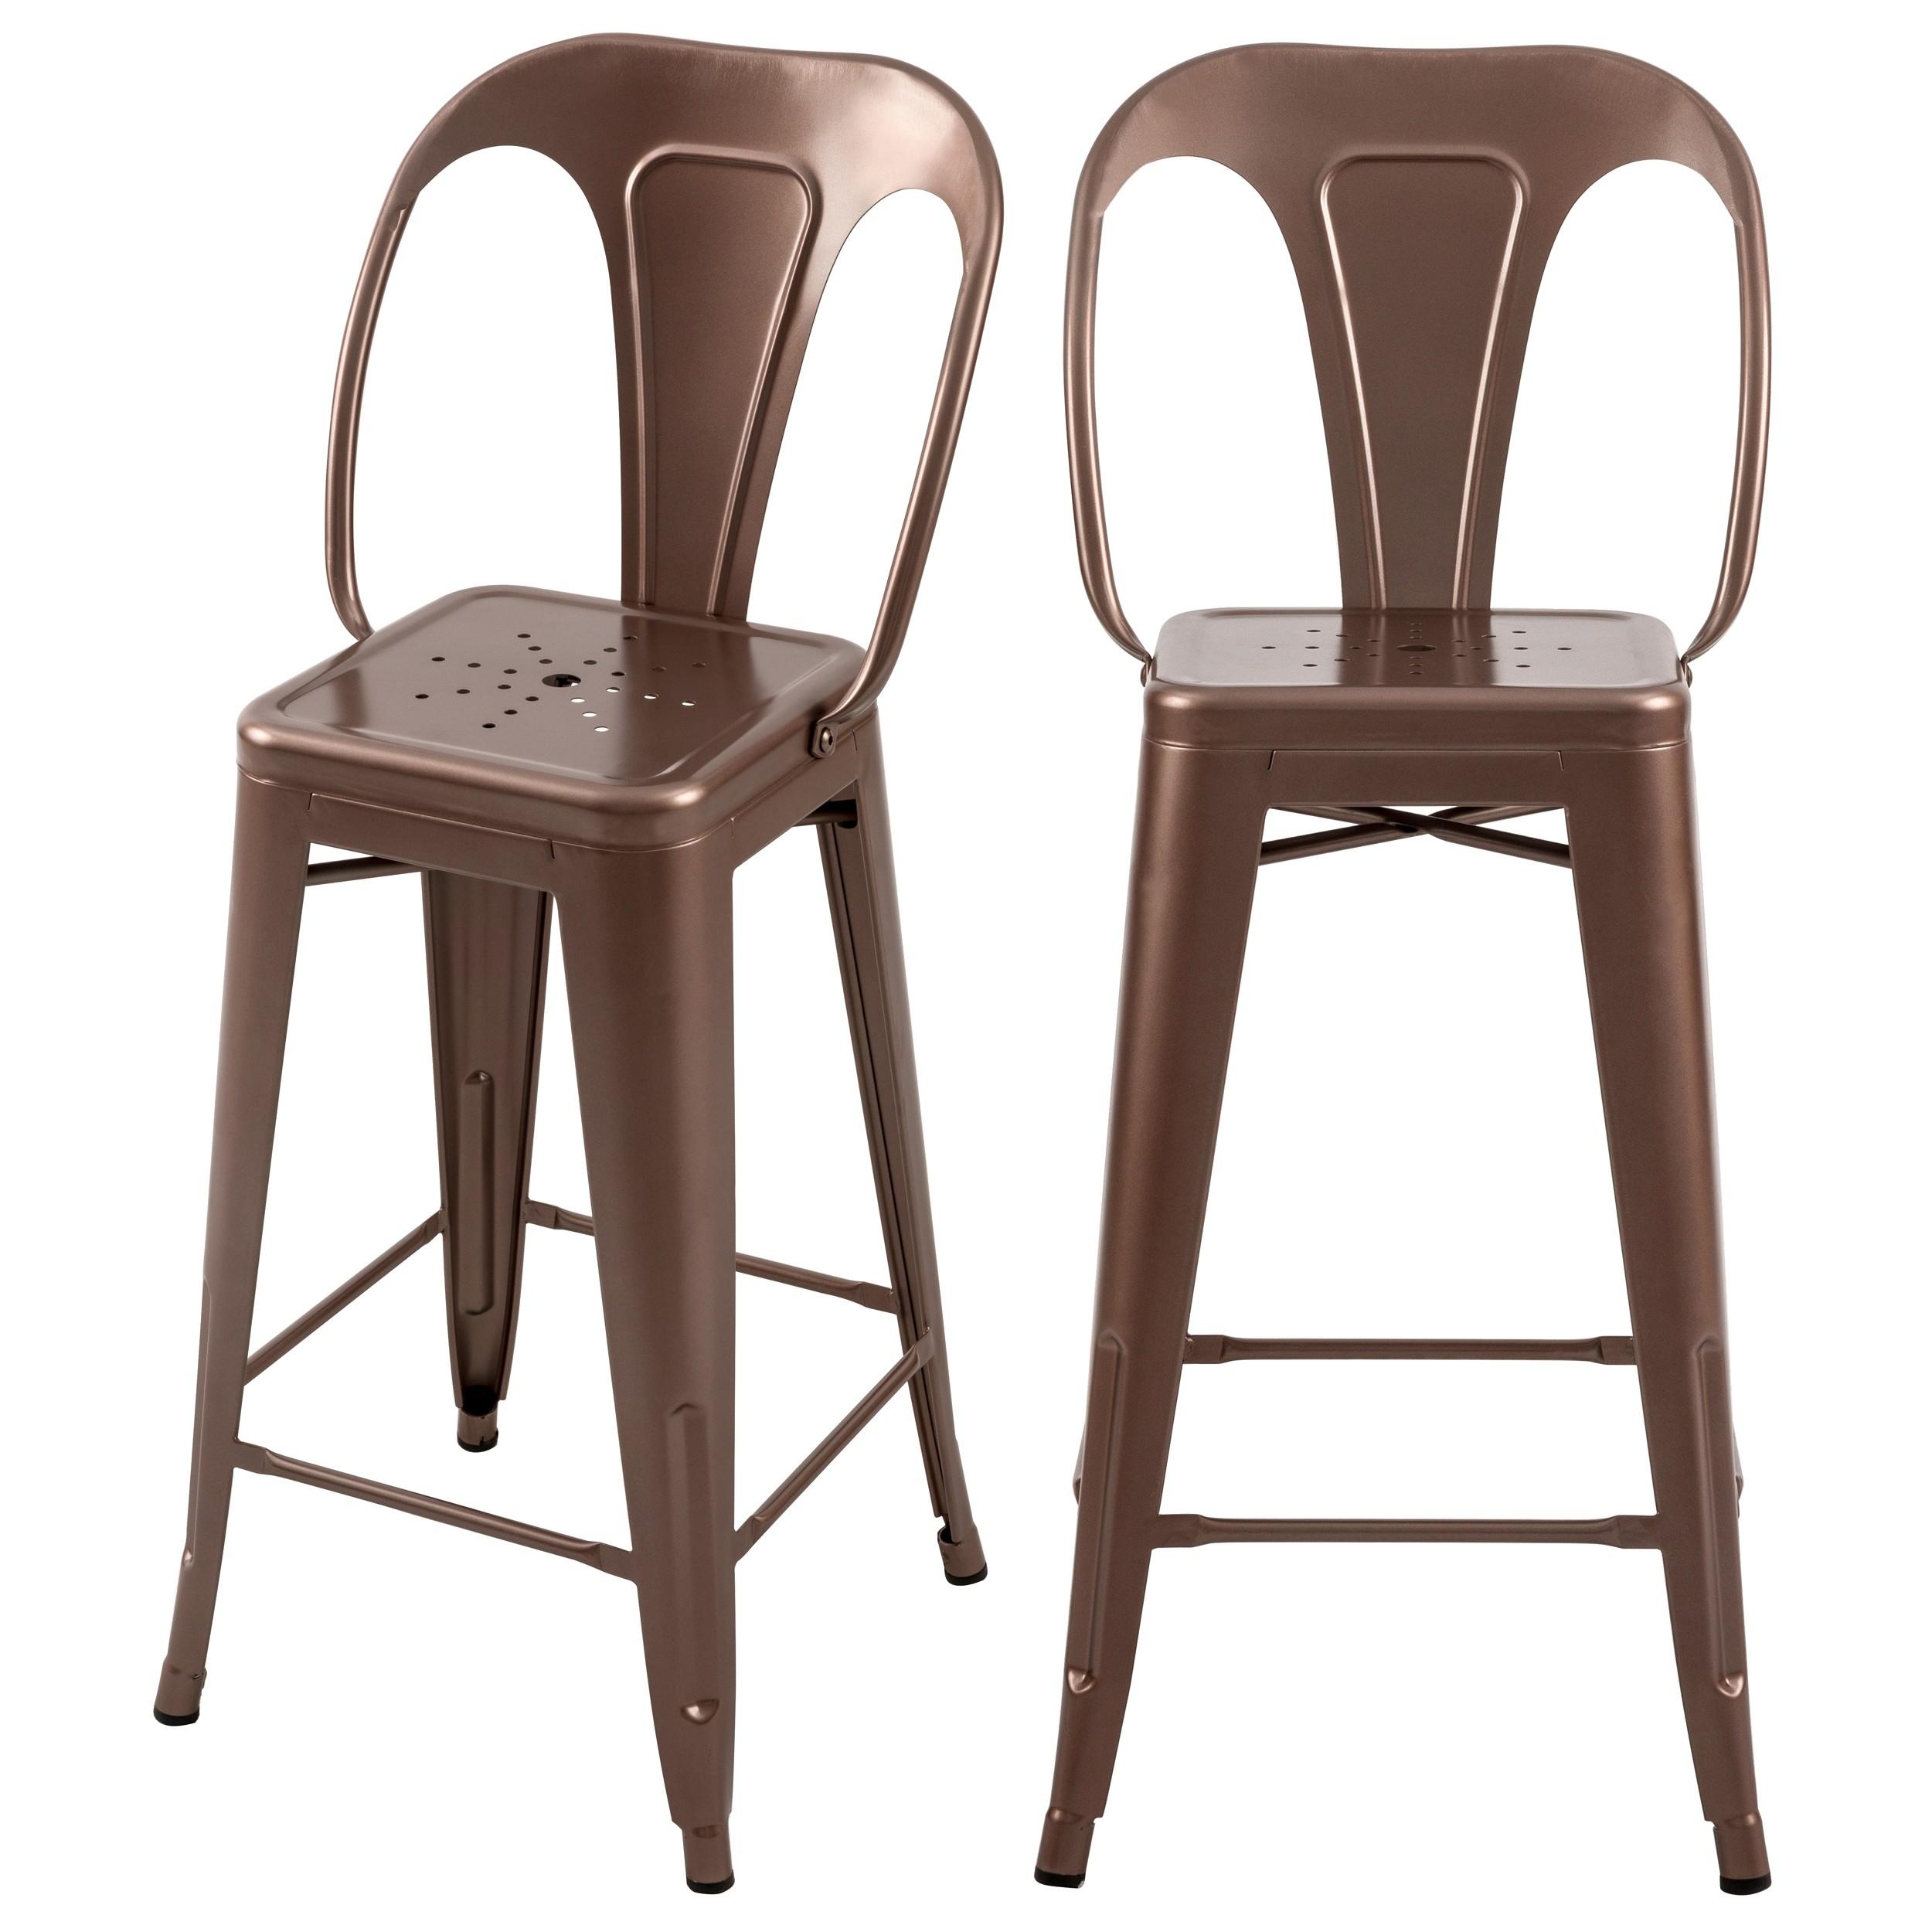 Chaise de bar mi hauteur Indus cuivre 66 cm (lot de 2)